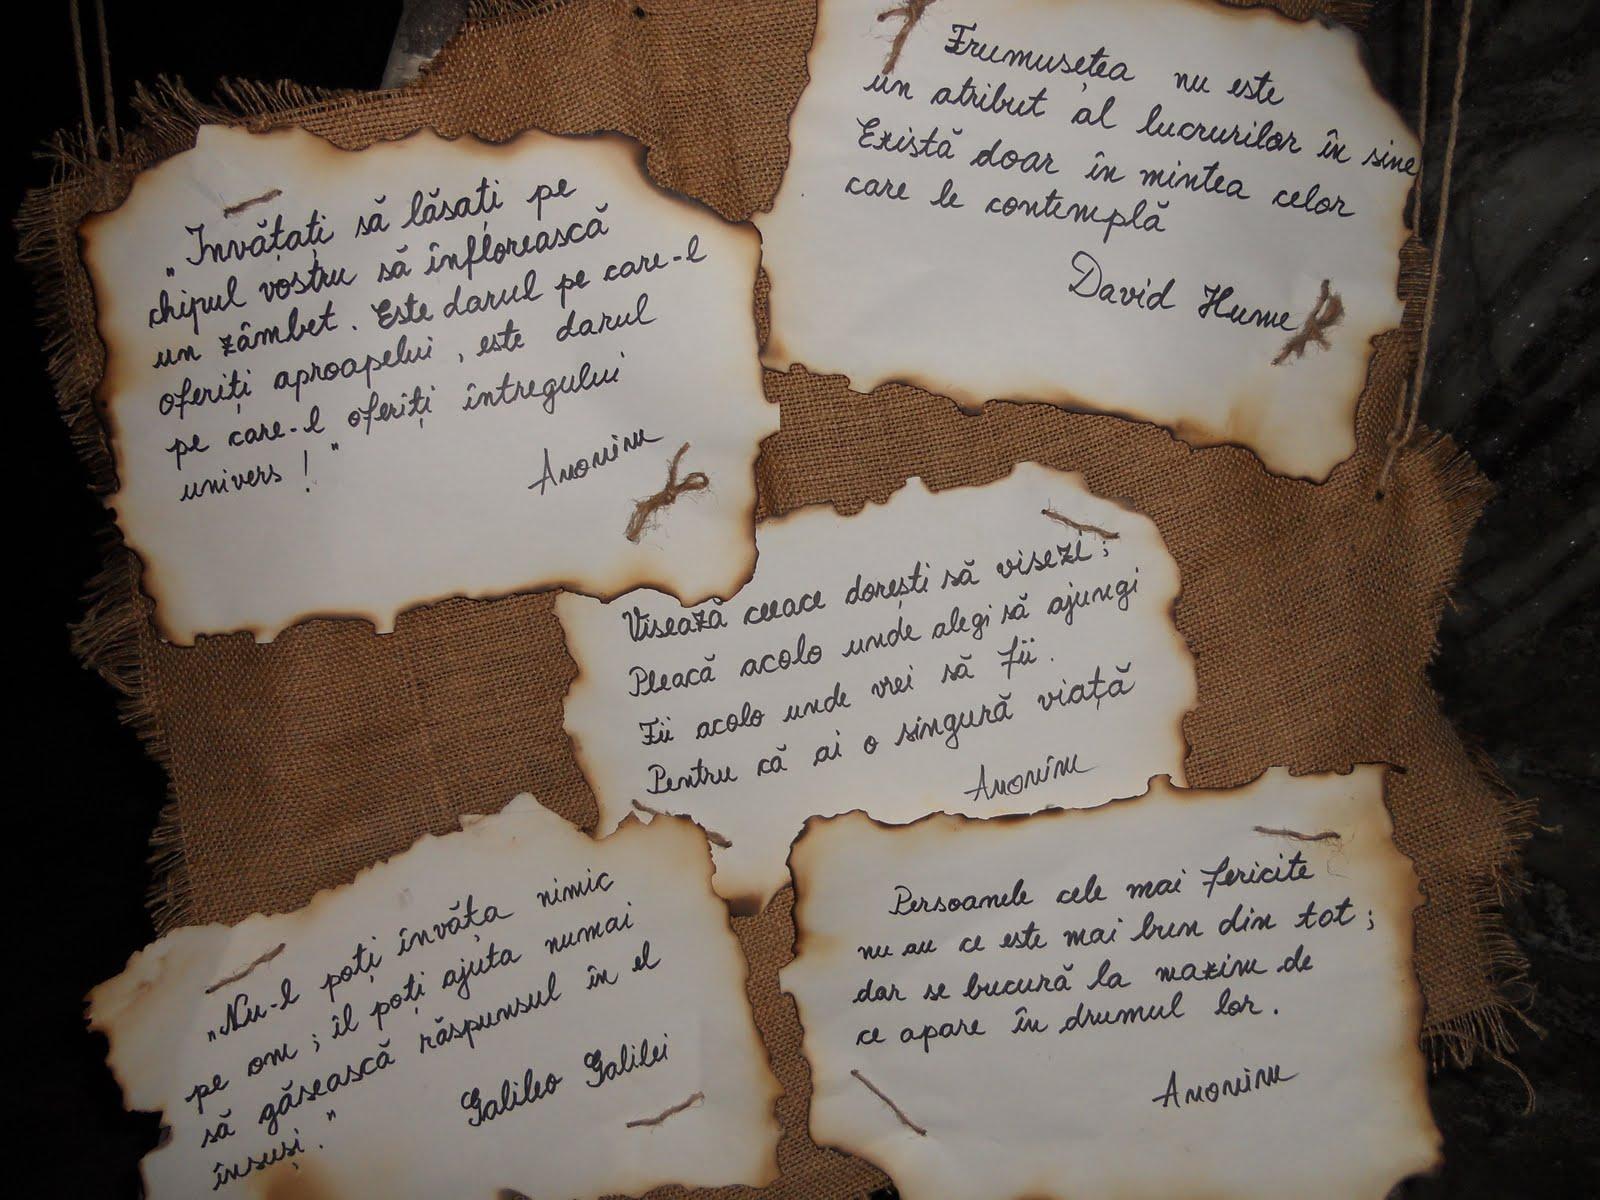 Mi S A Parut Foarte Dificila Dar O Idee Interesanta Nu Am Scris In Poezie Multe Despre Mine Sper Ca V